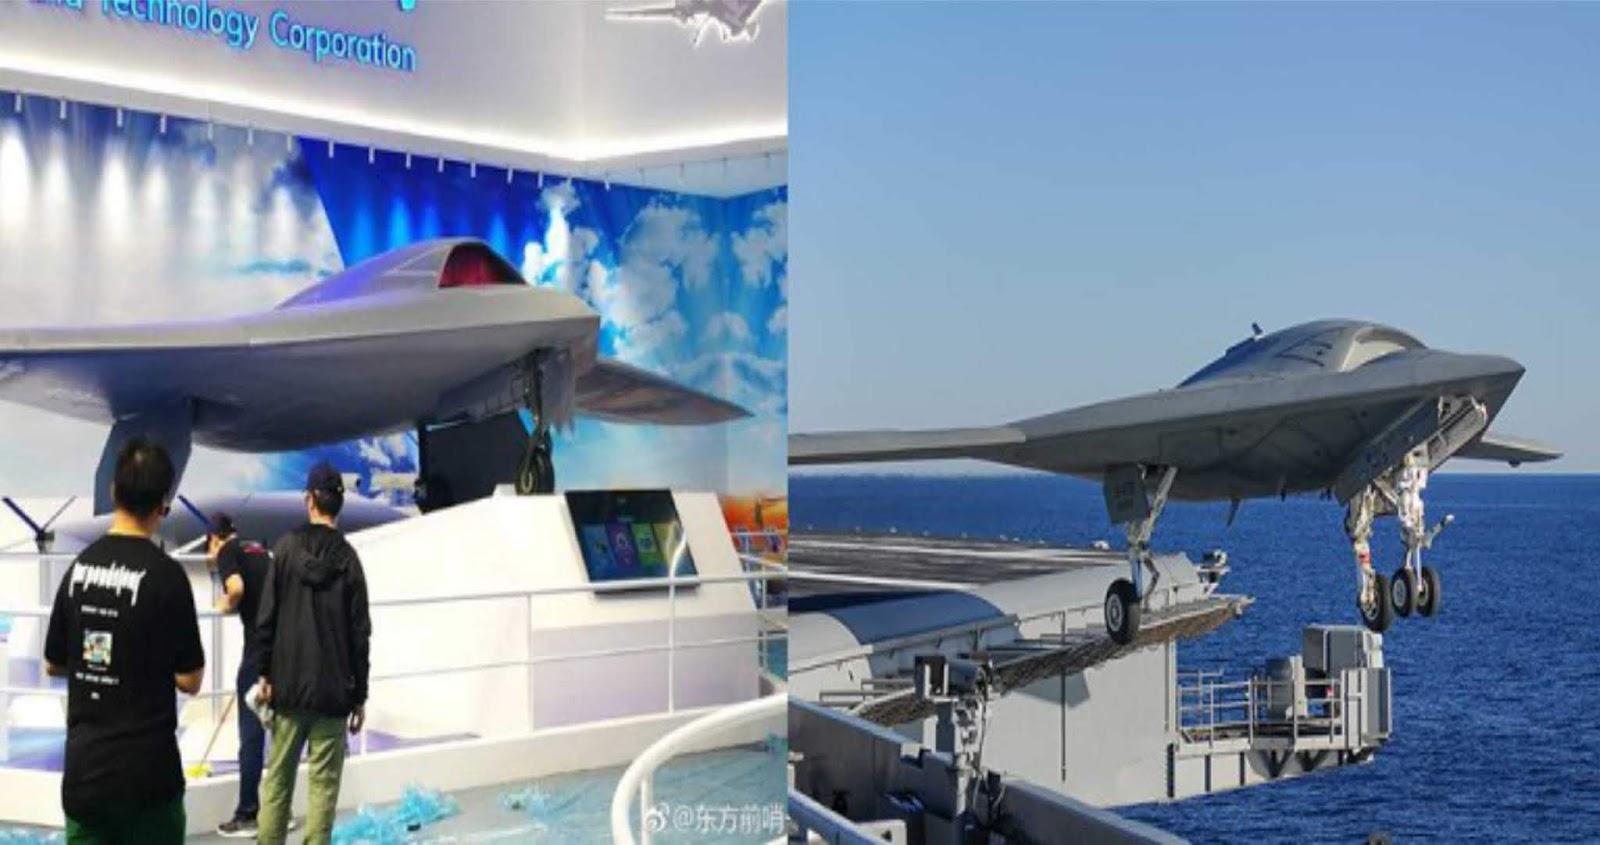 UAV mirip dengan Northrop Grumman X-47B nongol di pameran penerbangan terbesar China